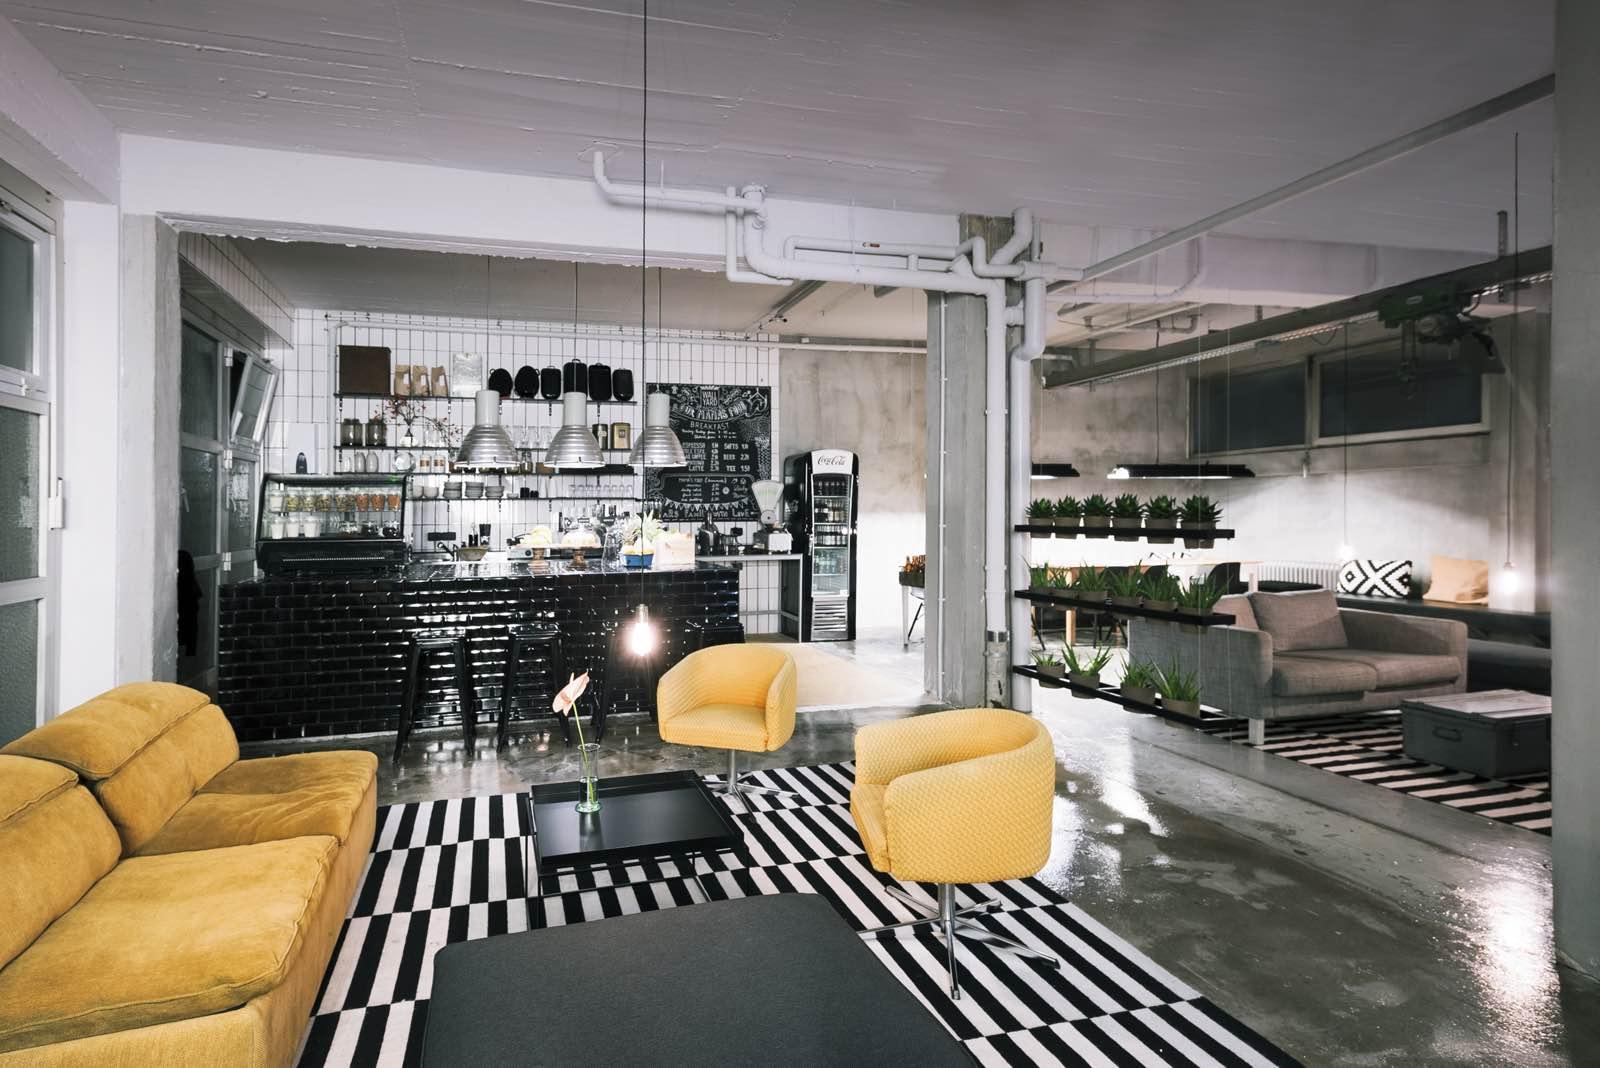 Poshtel Wallyard Concept Hostel Berlin